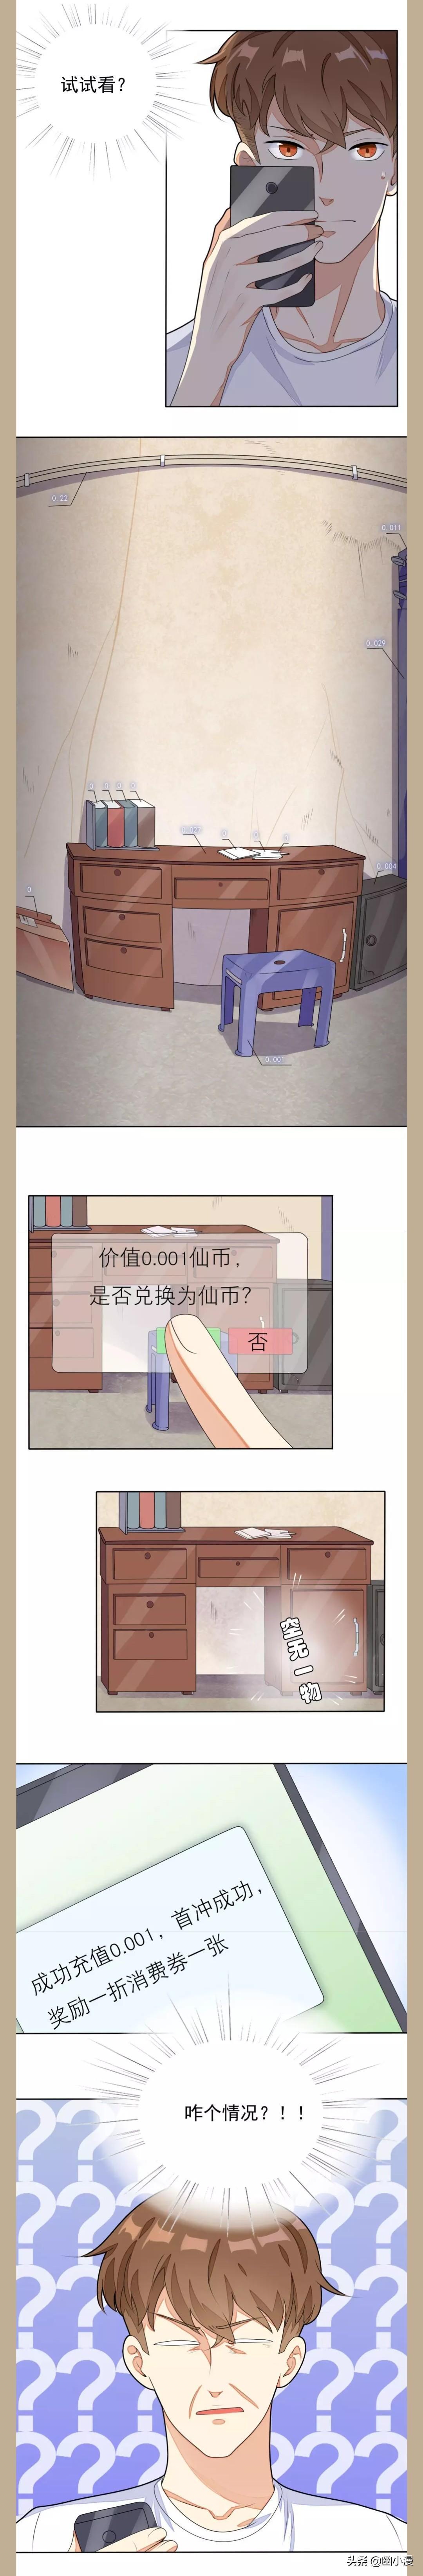 全彩漫画小说《超级微信》-第1话-雷劈